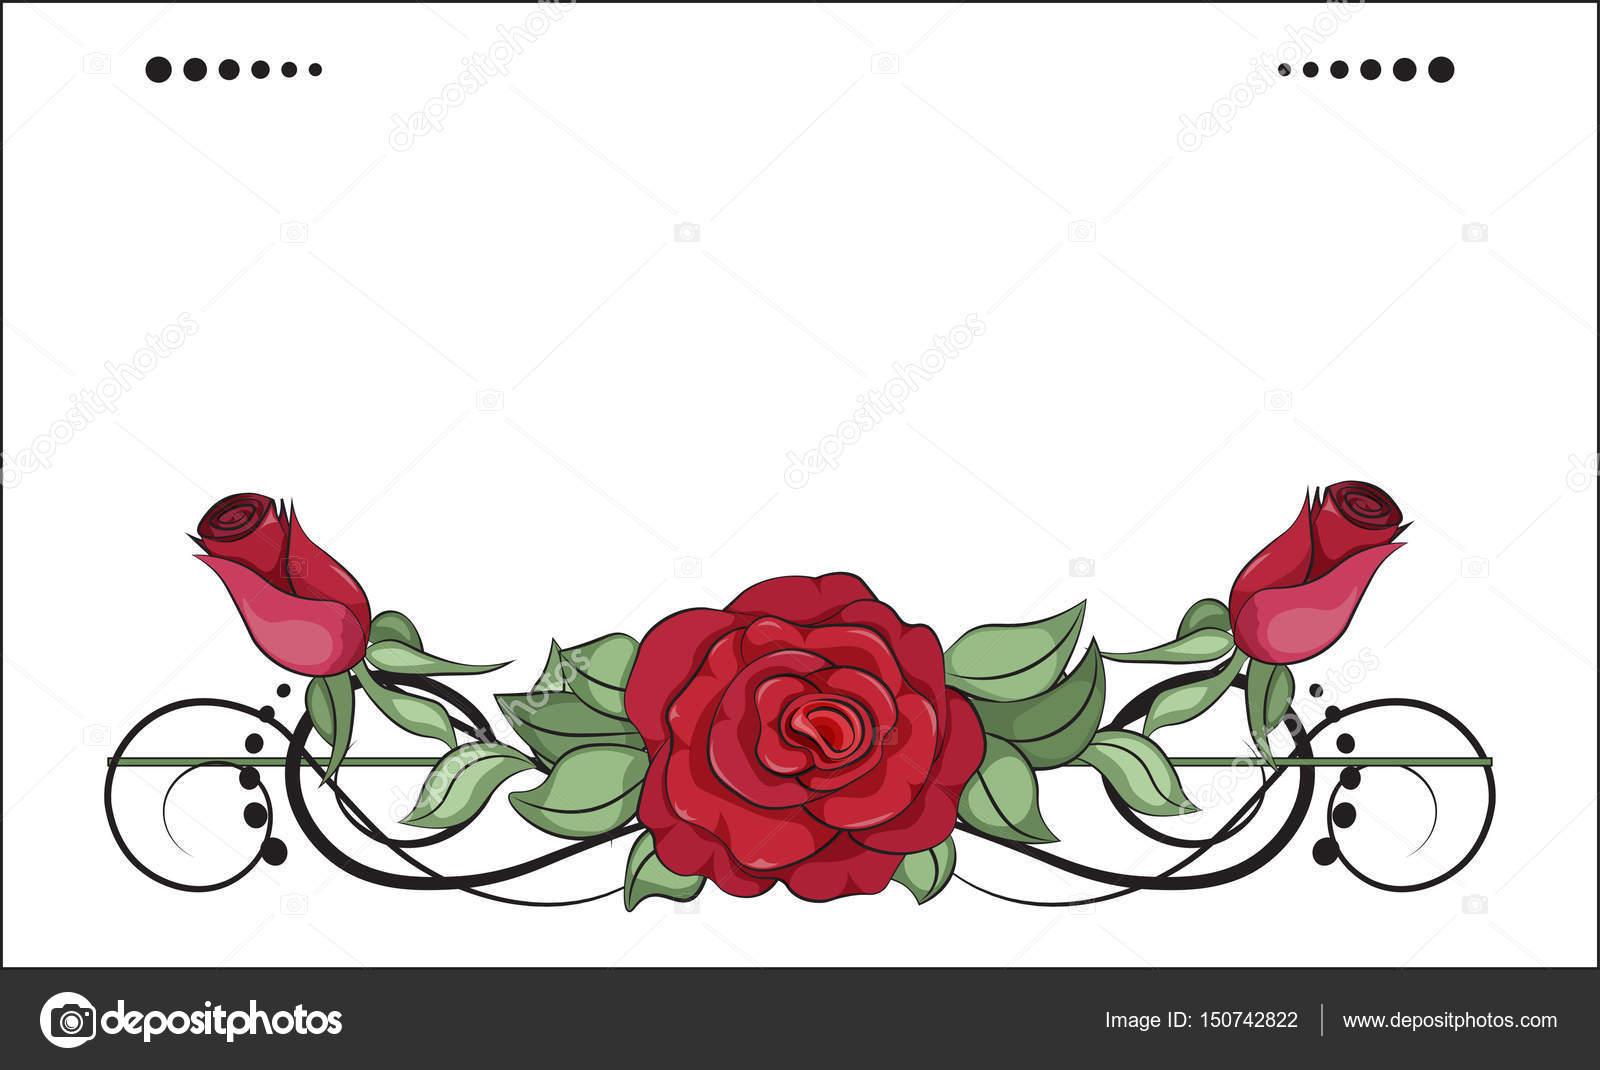 Kleurplaten Roos.Bloem Roos Kleurplaten Stockvector C Lollitta 150742822